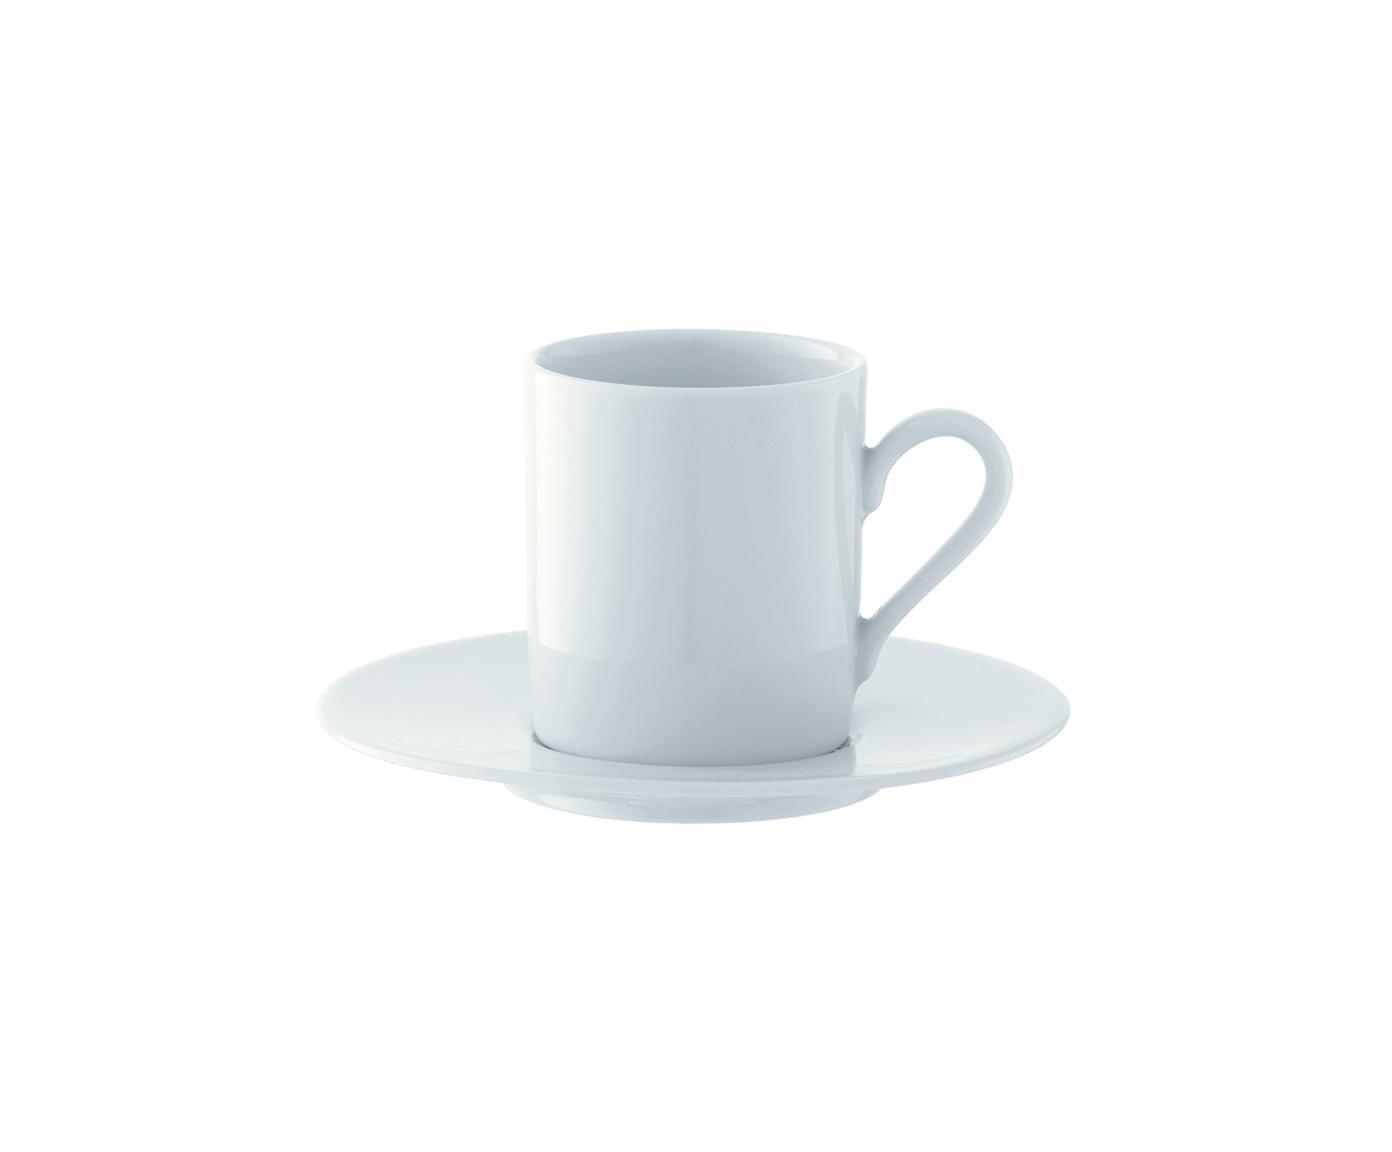 Set tazzine da caffè Bianco, 8 pz., Porcellana, Bianco, Ø 12 x A 7 cm